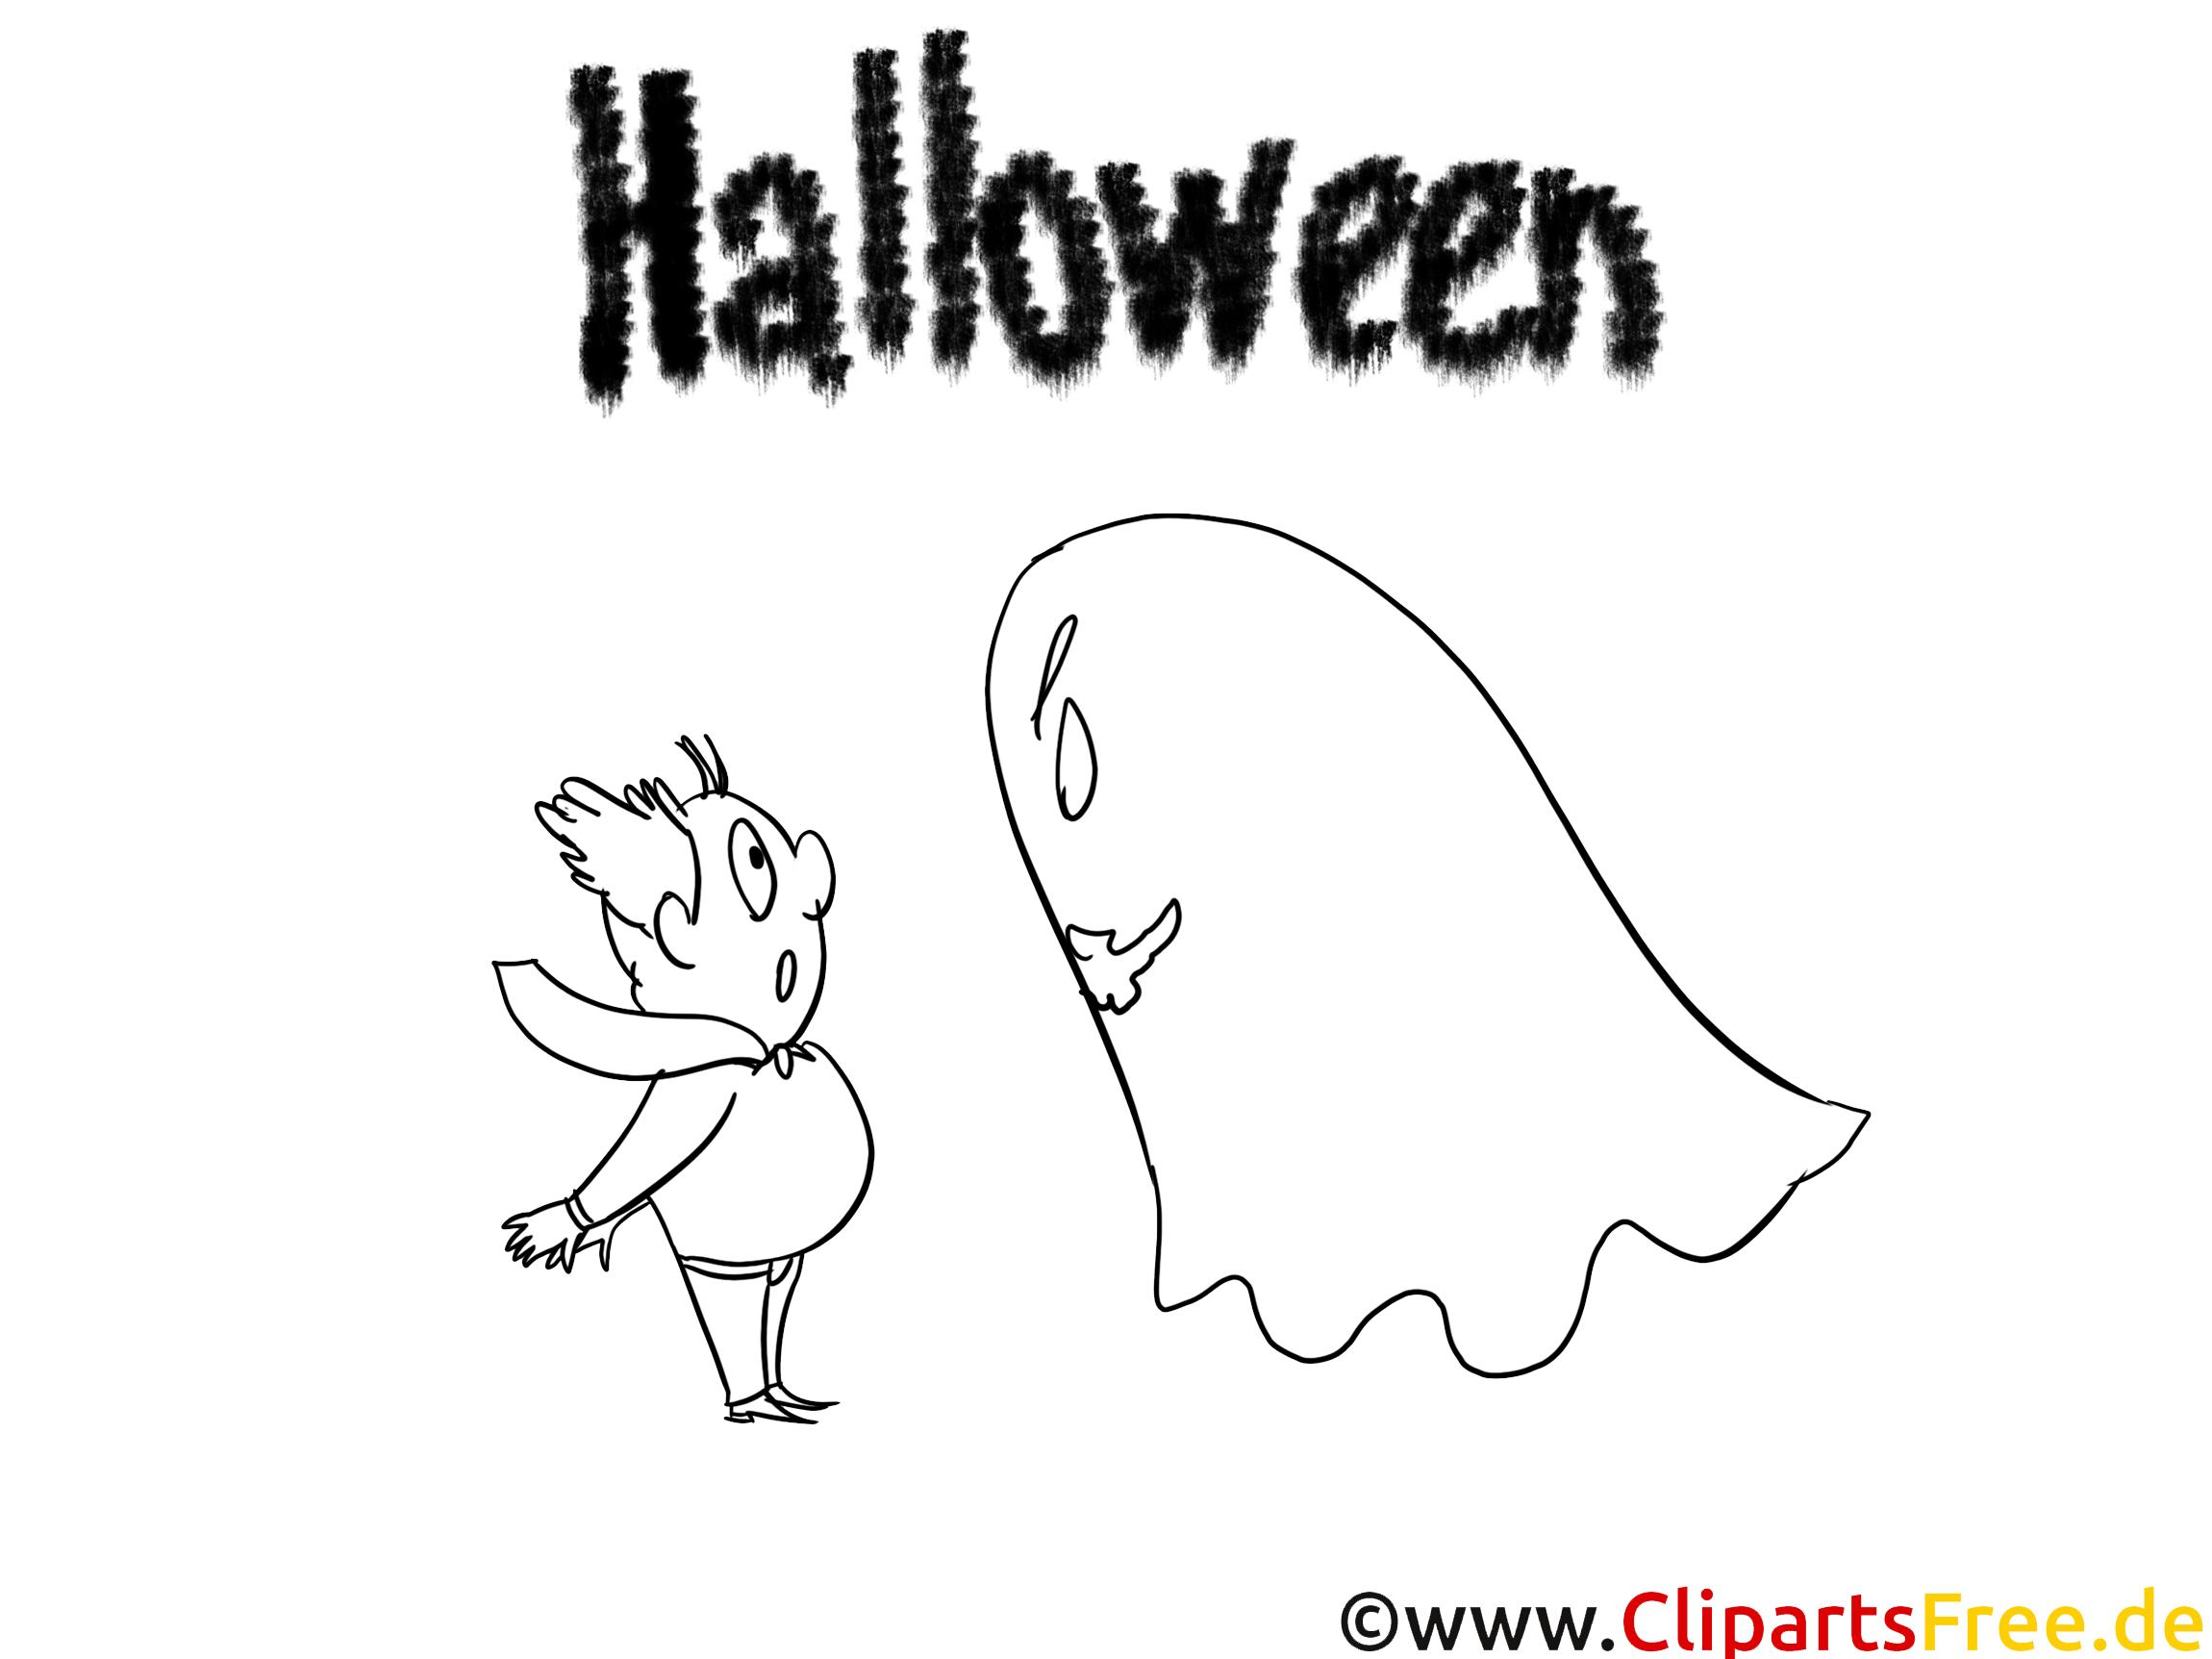 Ausmalbilder für Halloween zum Ausdrucken